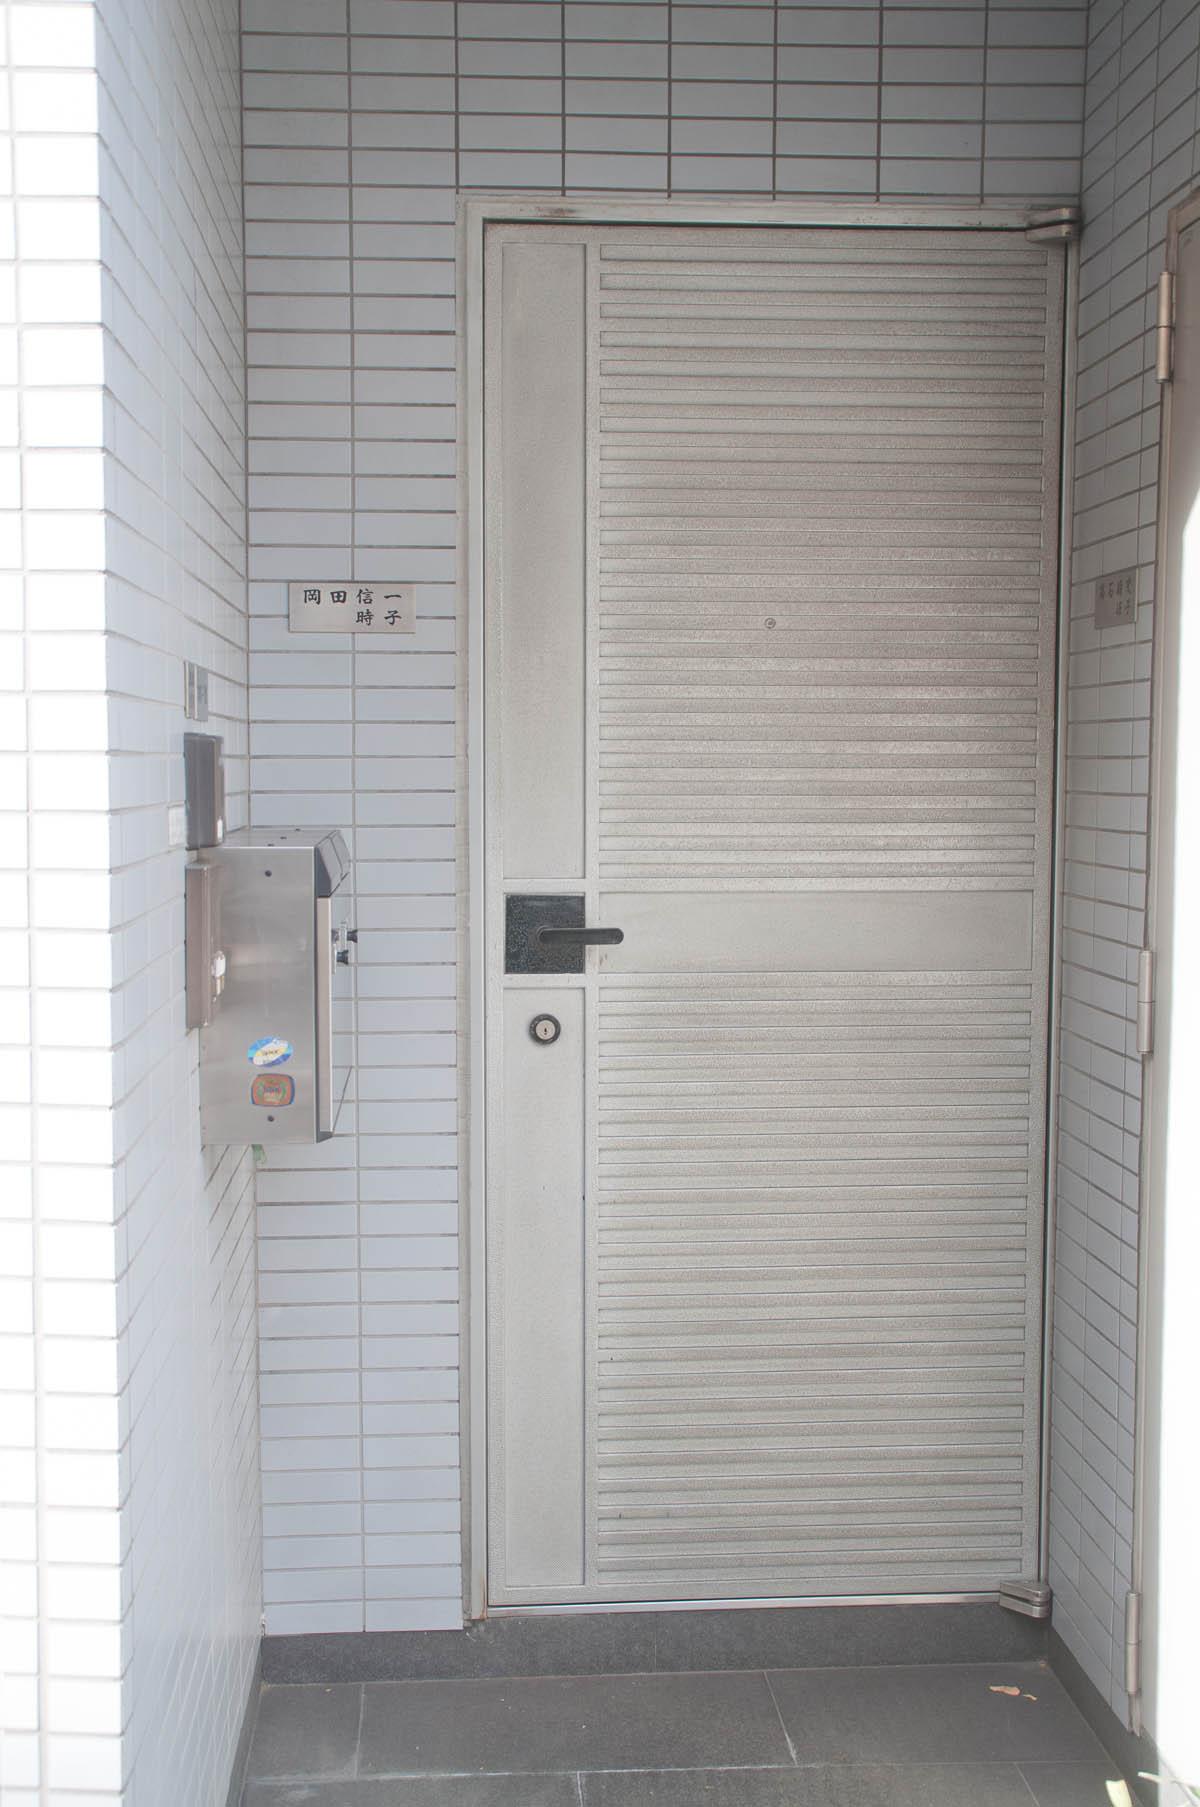 tokyo_doors-11_low